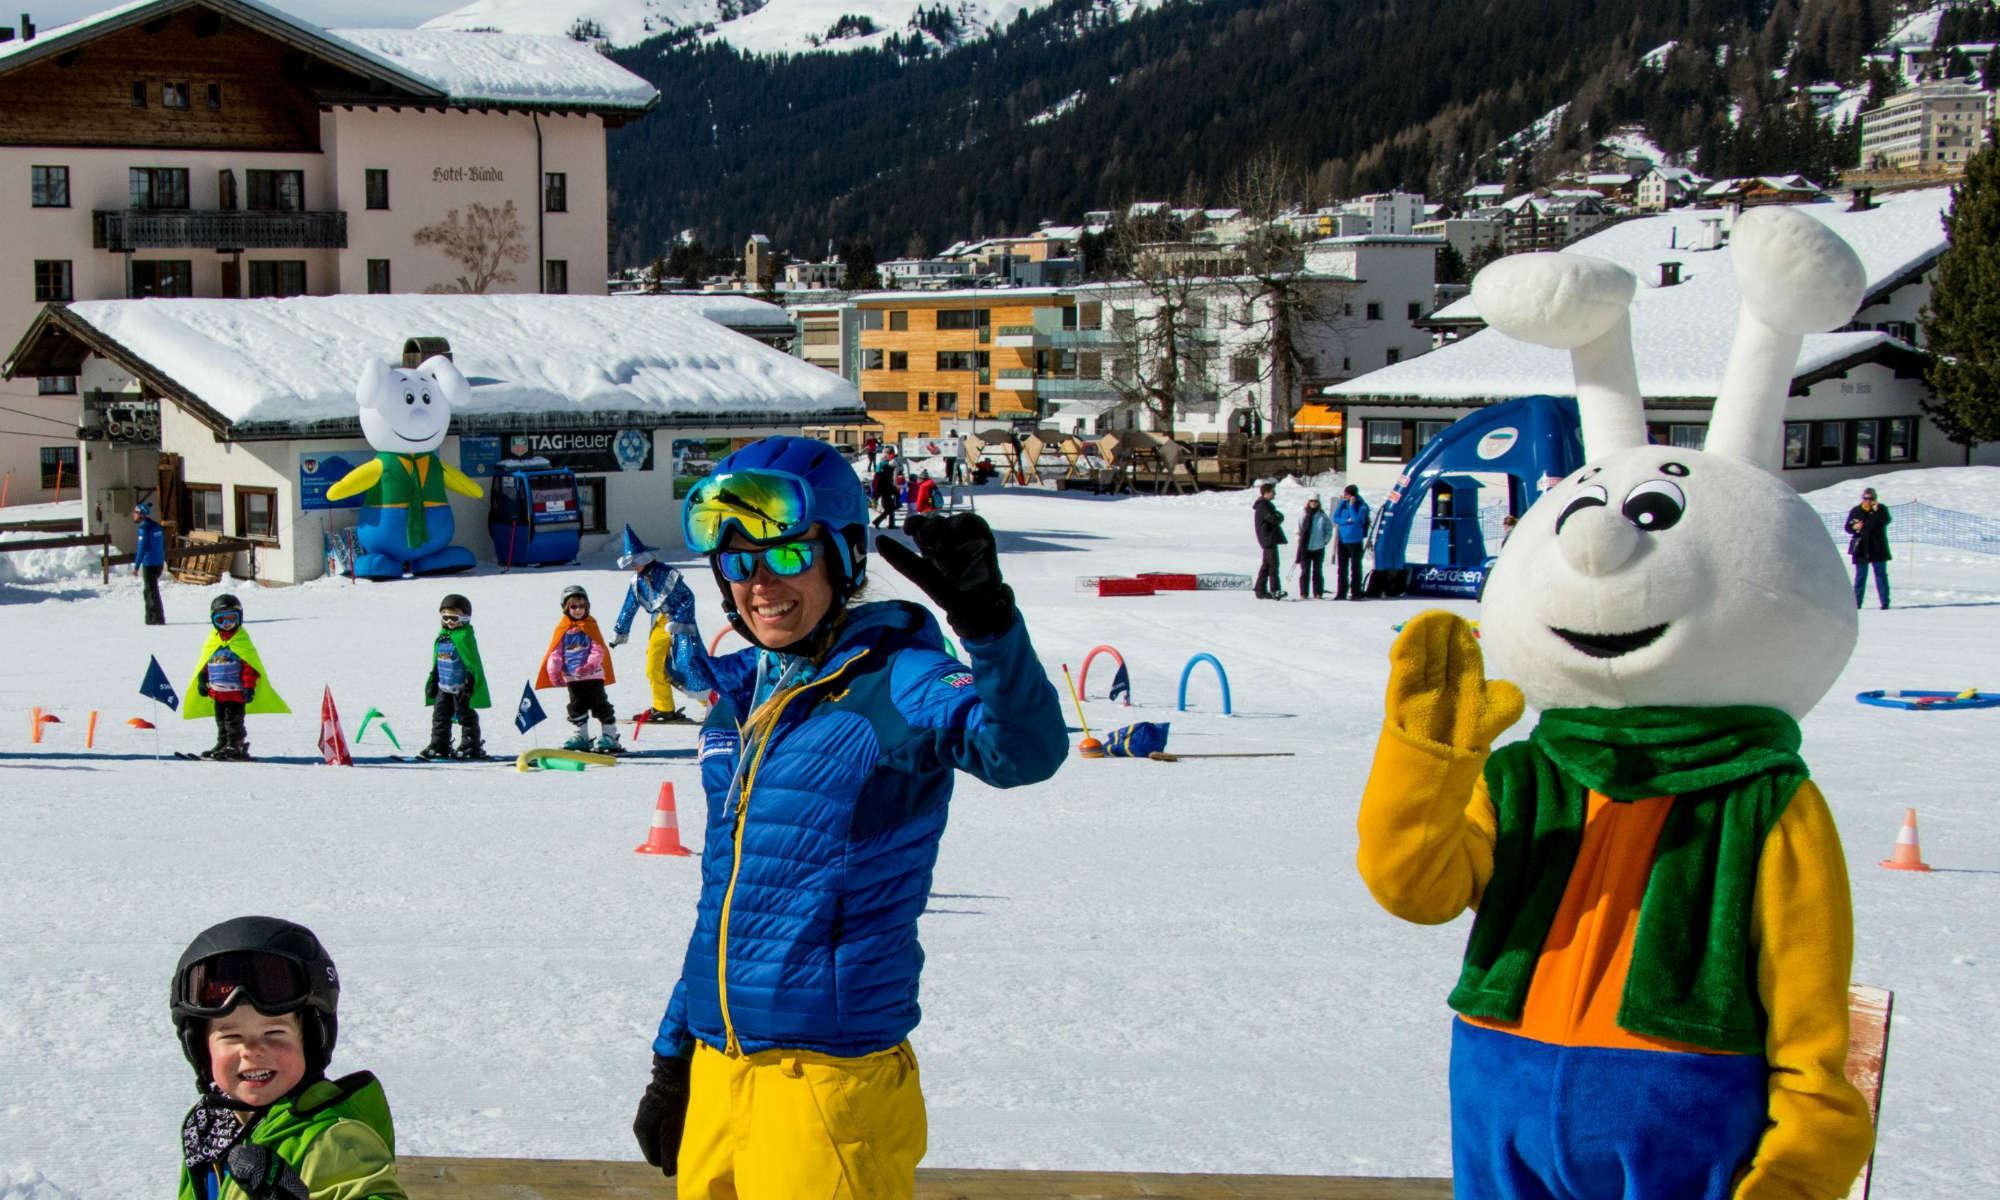 Das Maskottchen Snowli, ein Skilehrer und ein Kind lachen und winken im Kinderland.